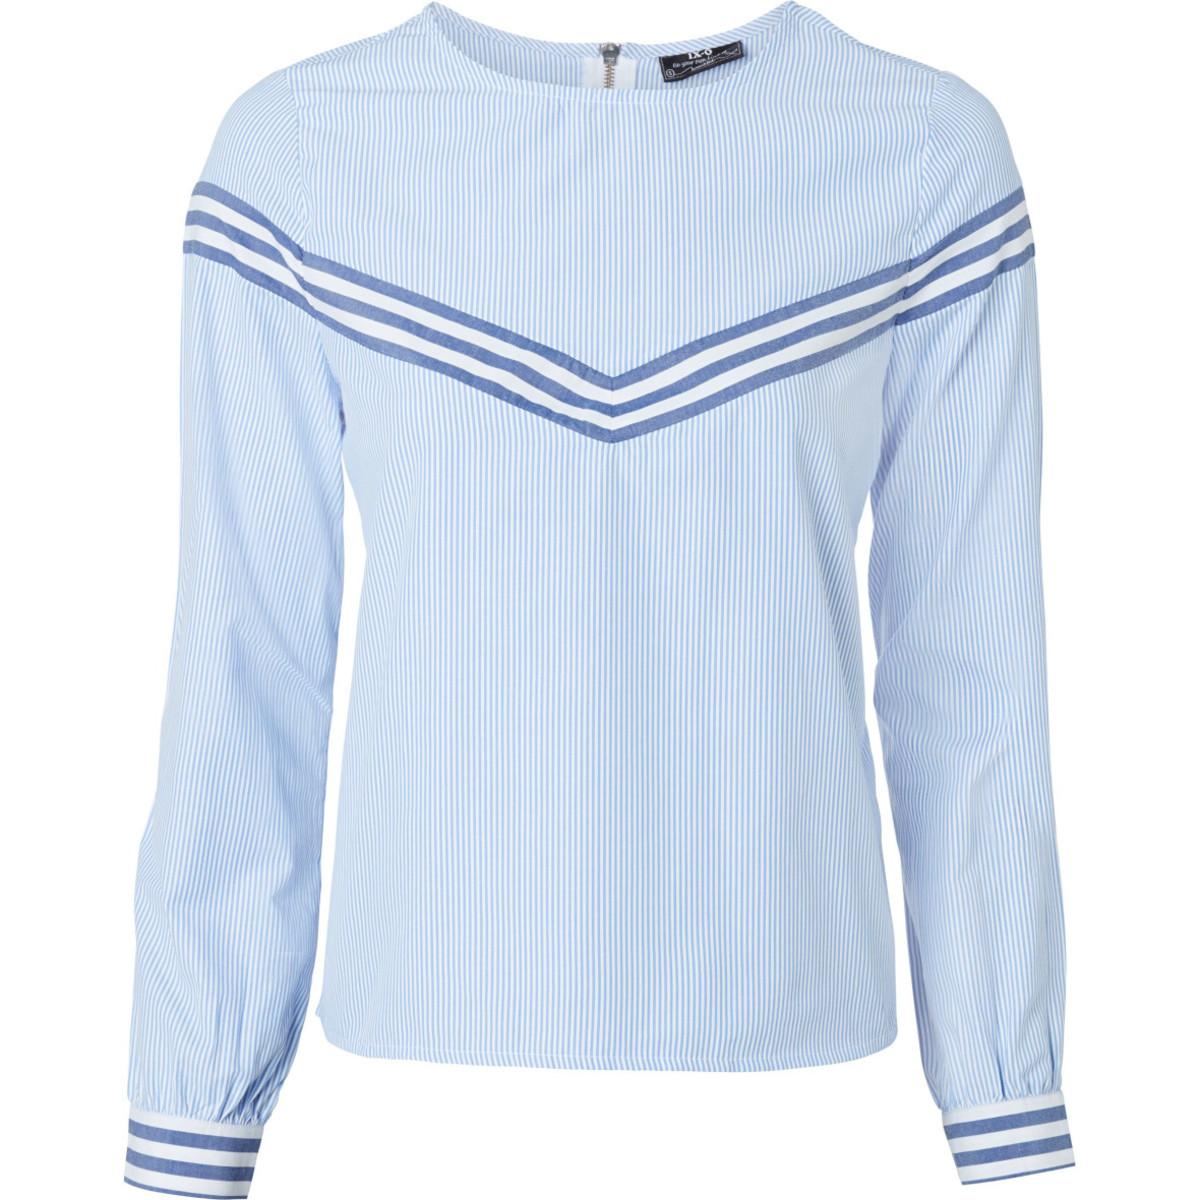 Bild 1 von Damen Bluse mit Streifendesigns